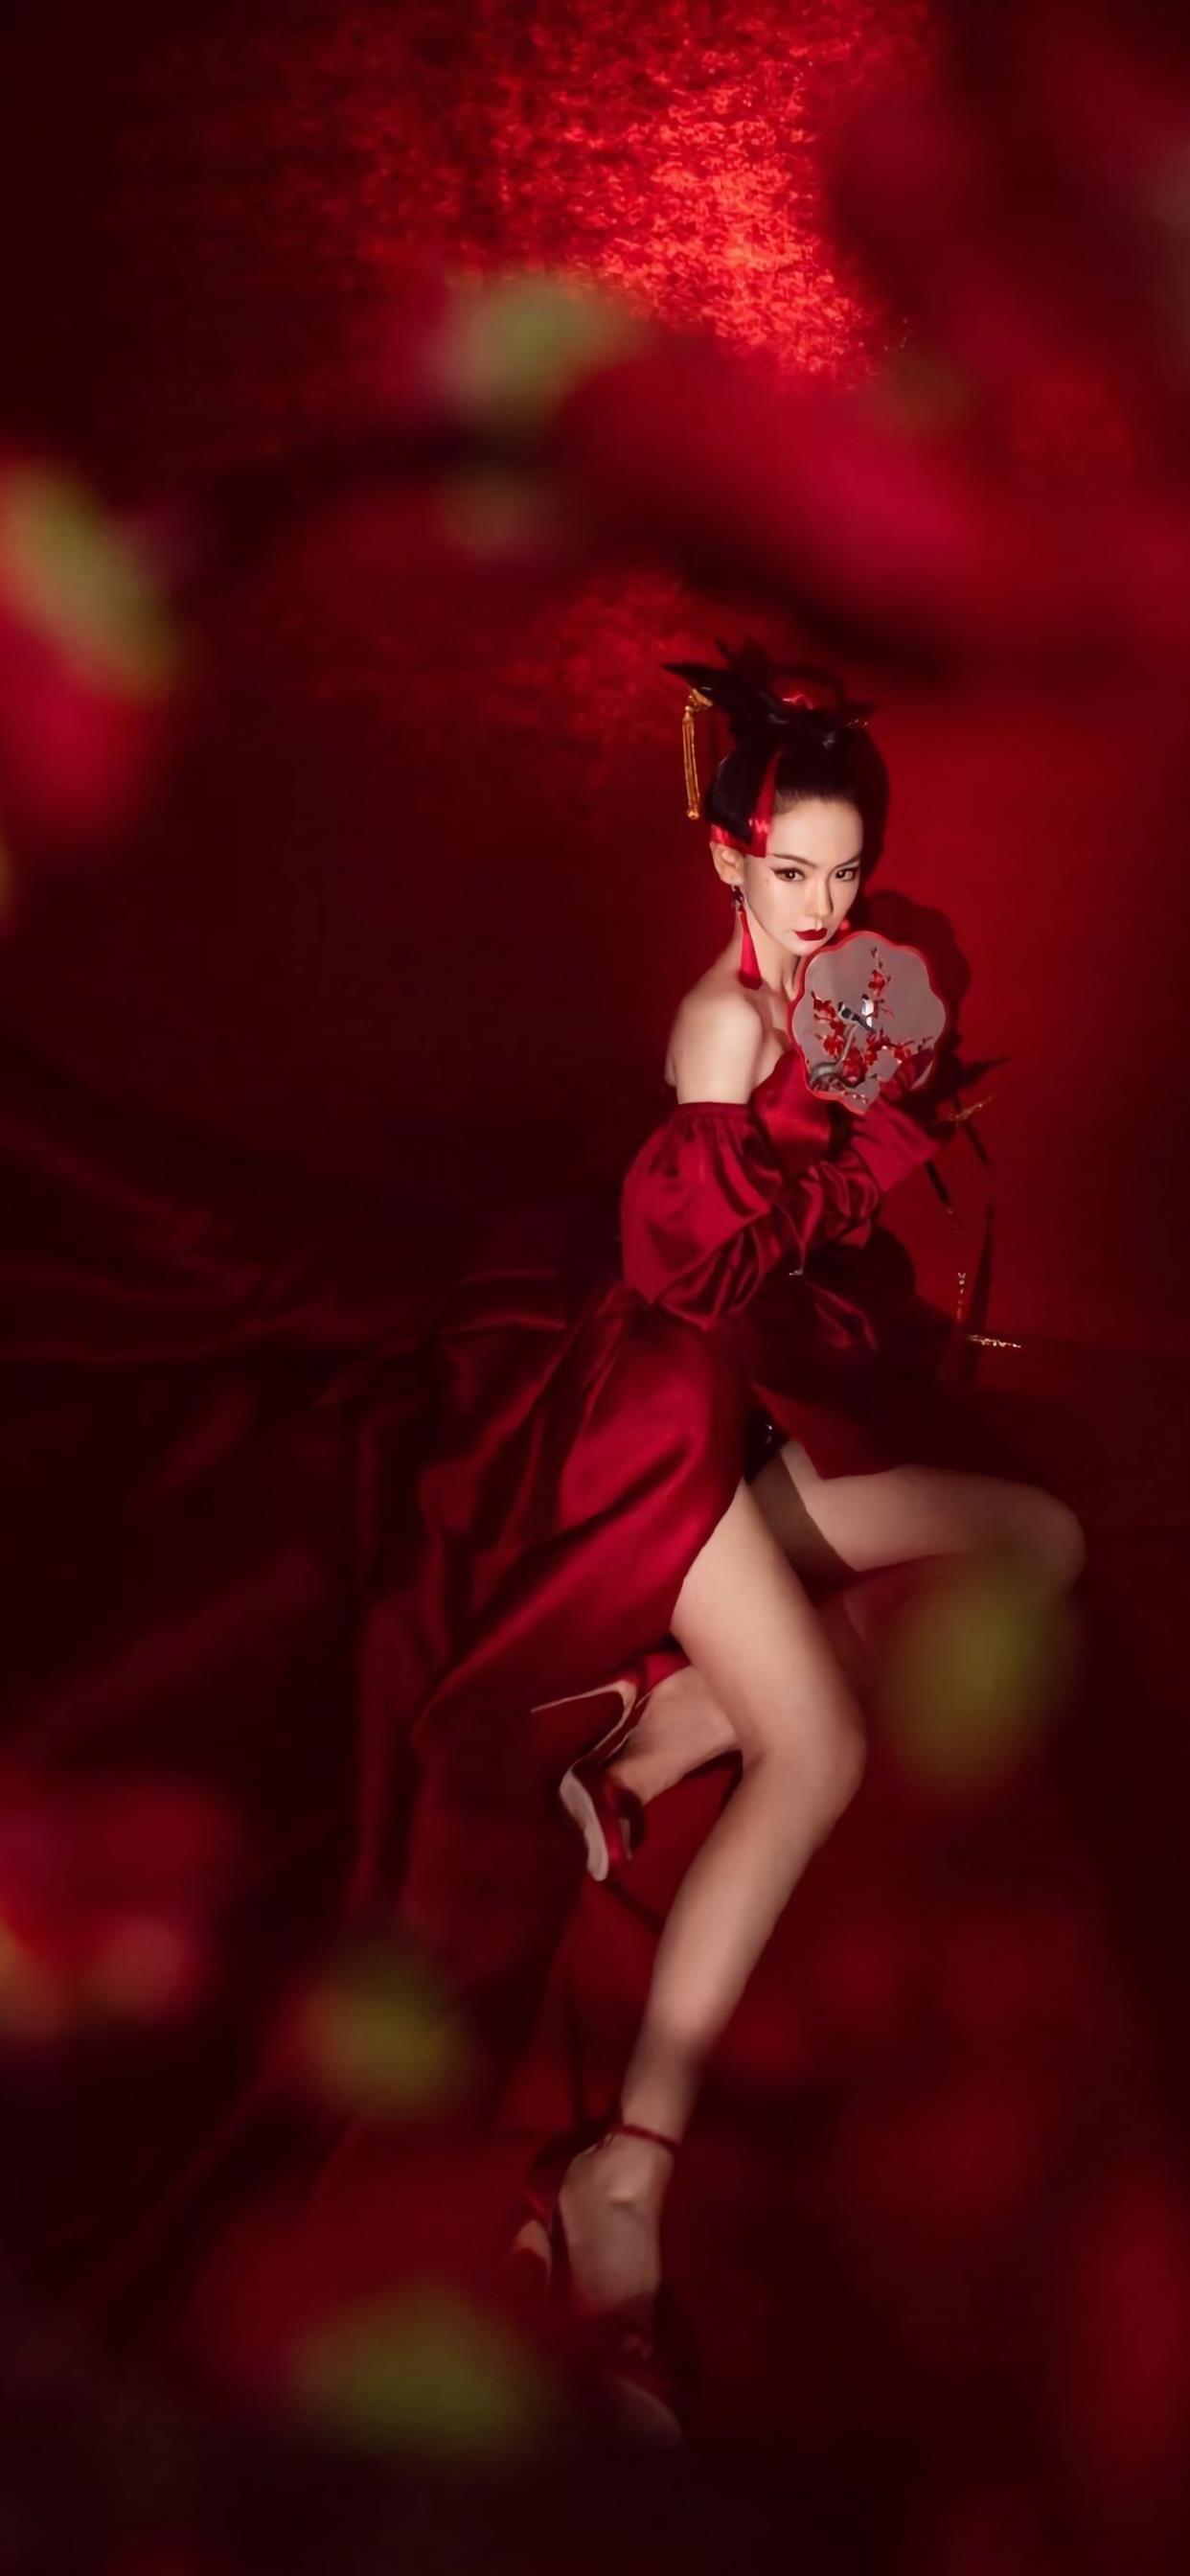 戚薇中国风性感写真图片手机壁纸